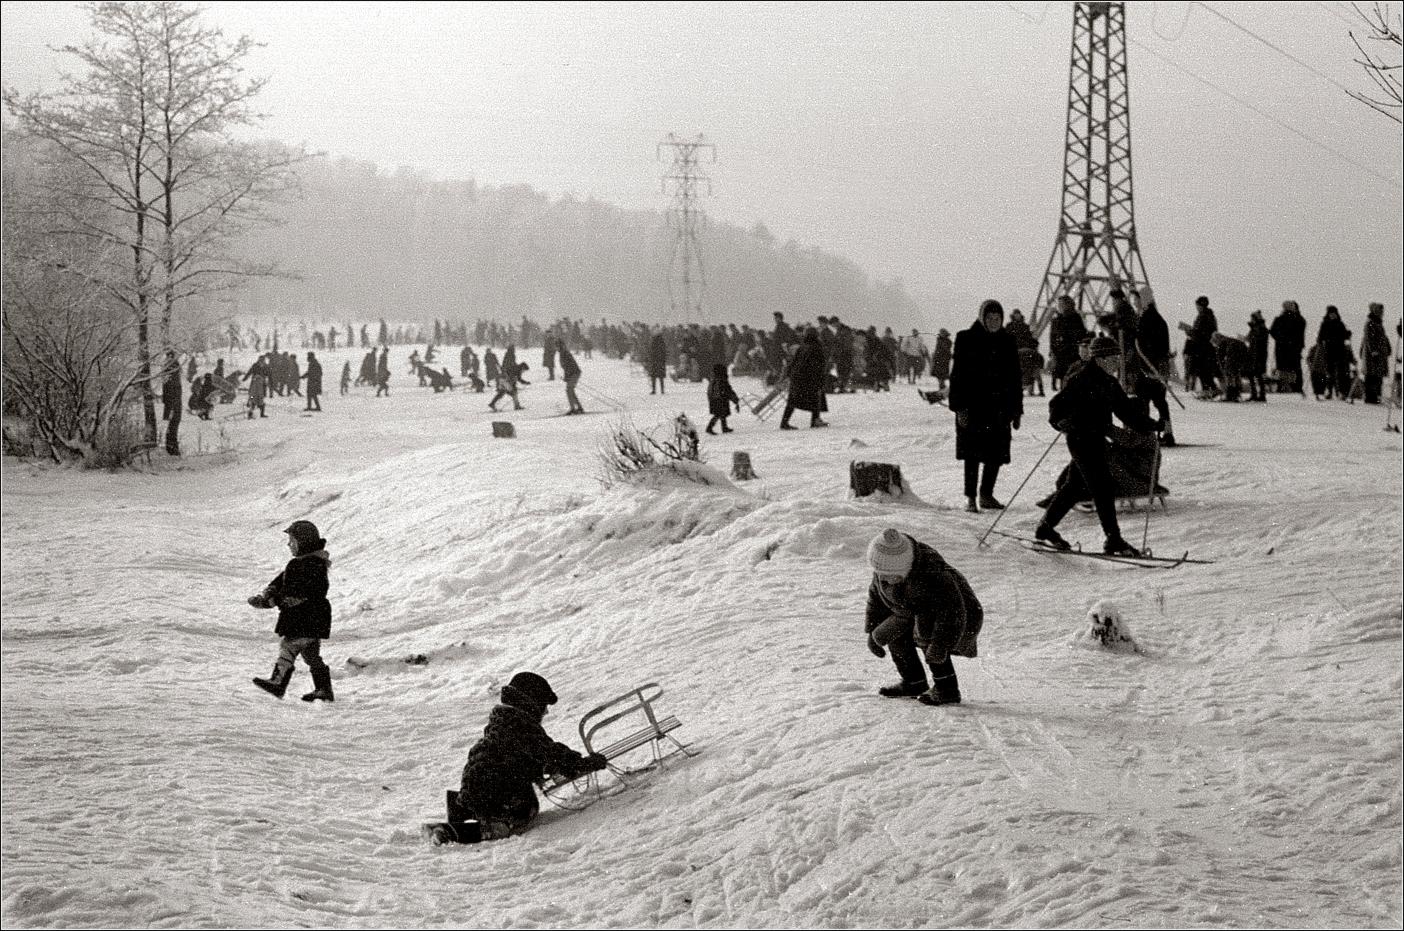 94. 1967. Измайловский парк, 06 декабря